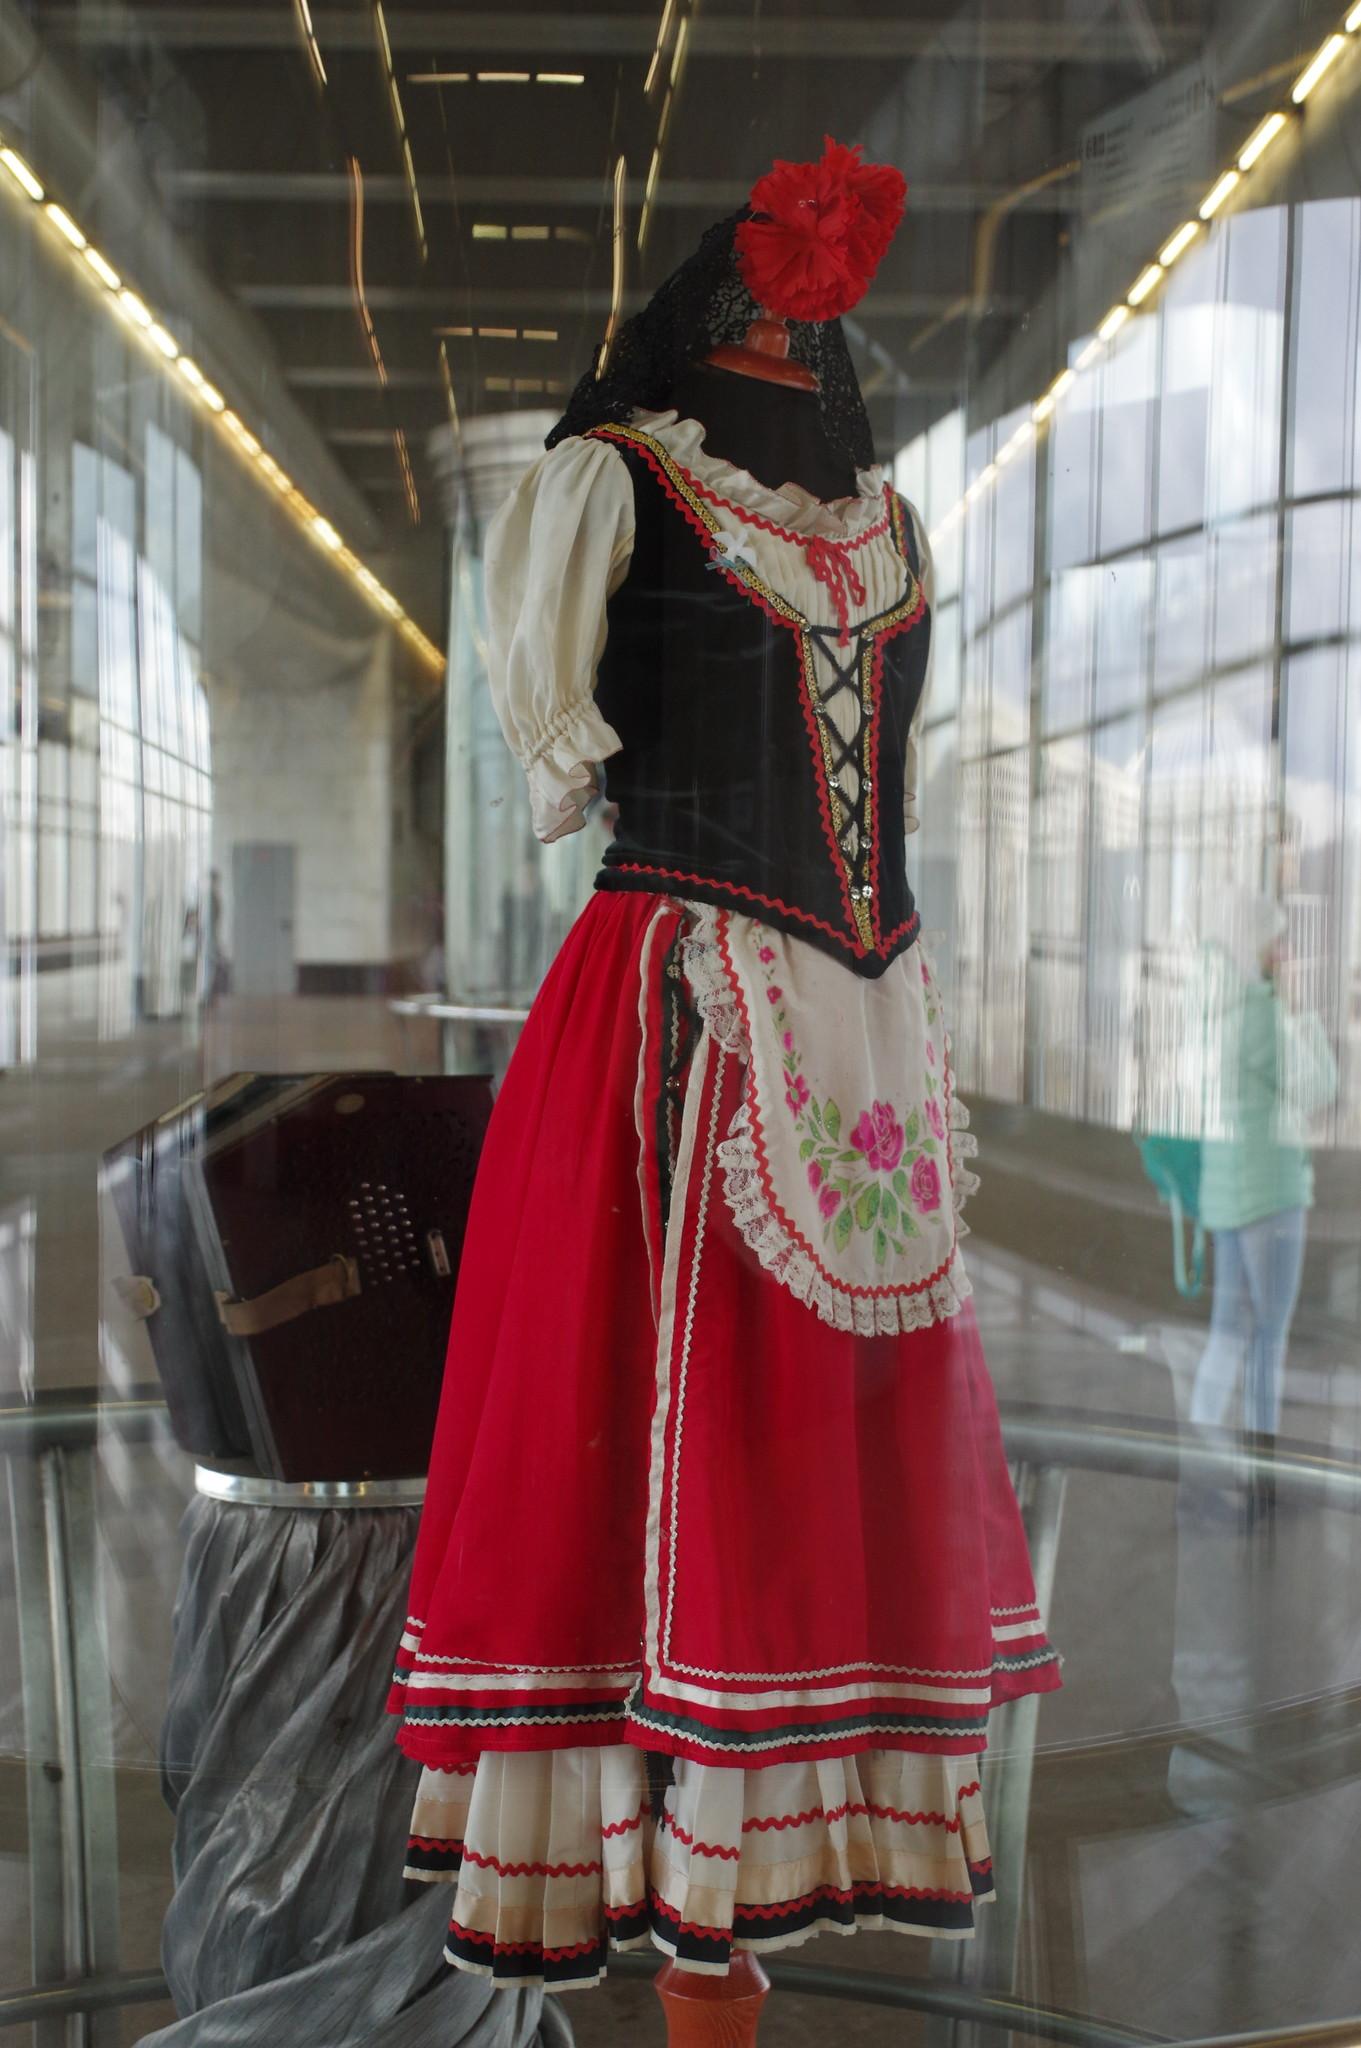 Выставка костюмов и музыкальных инструментов Ансамбля песни и танца имени Семёна Дунаевского на станции метро «Воробьевы горы»